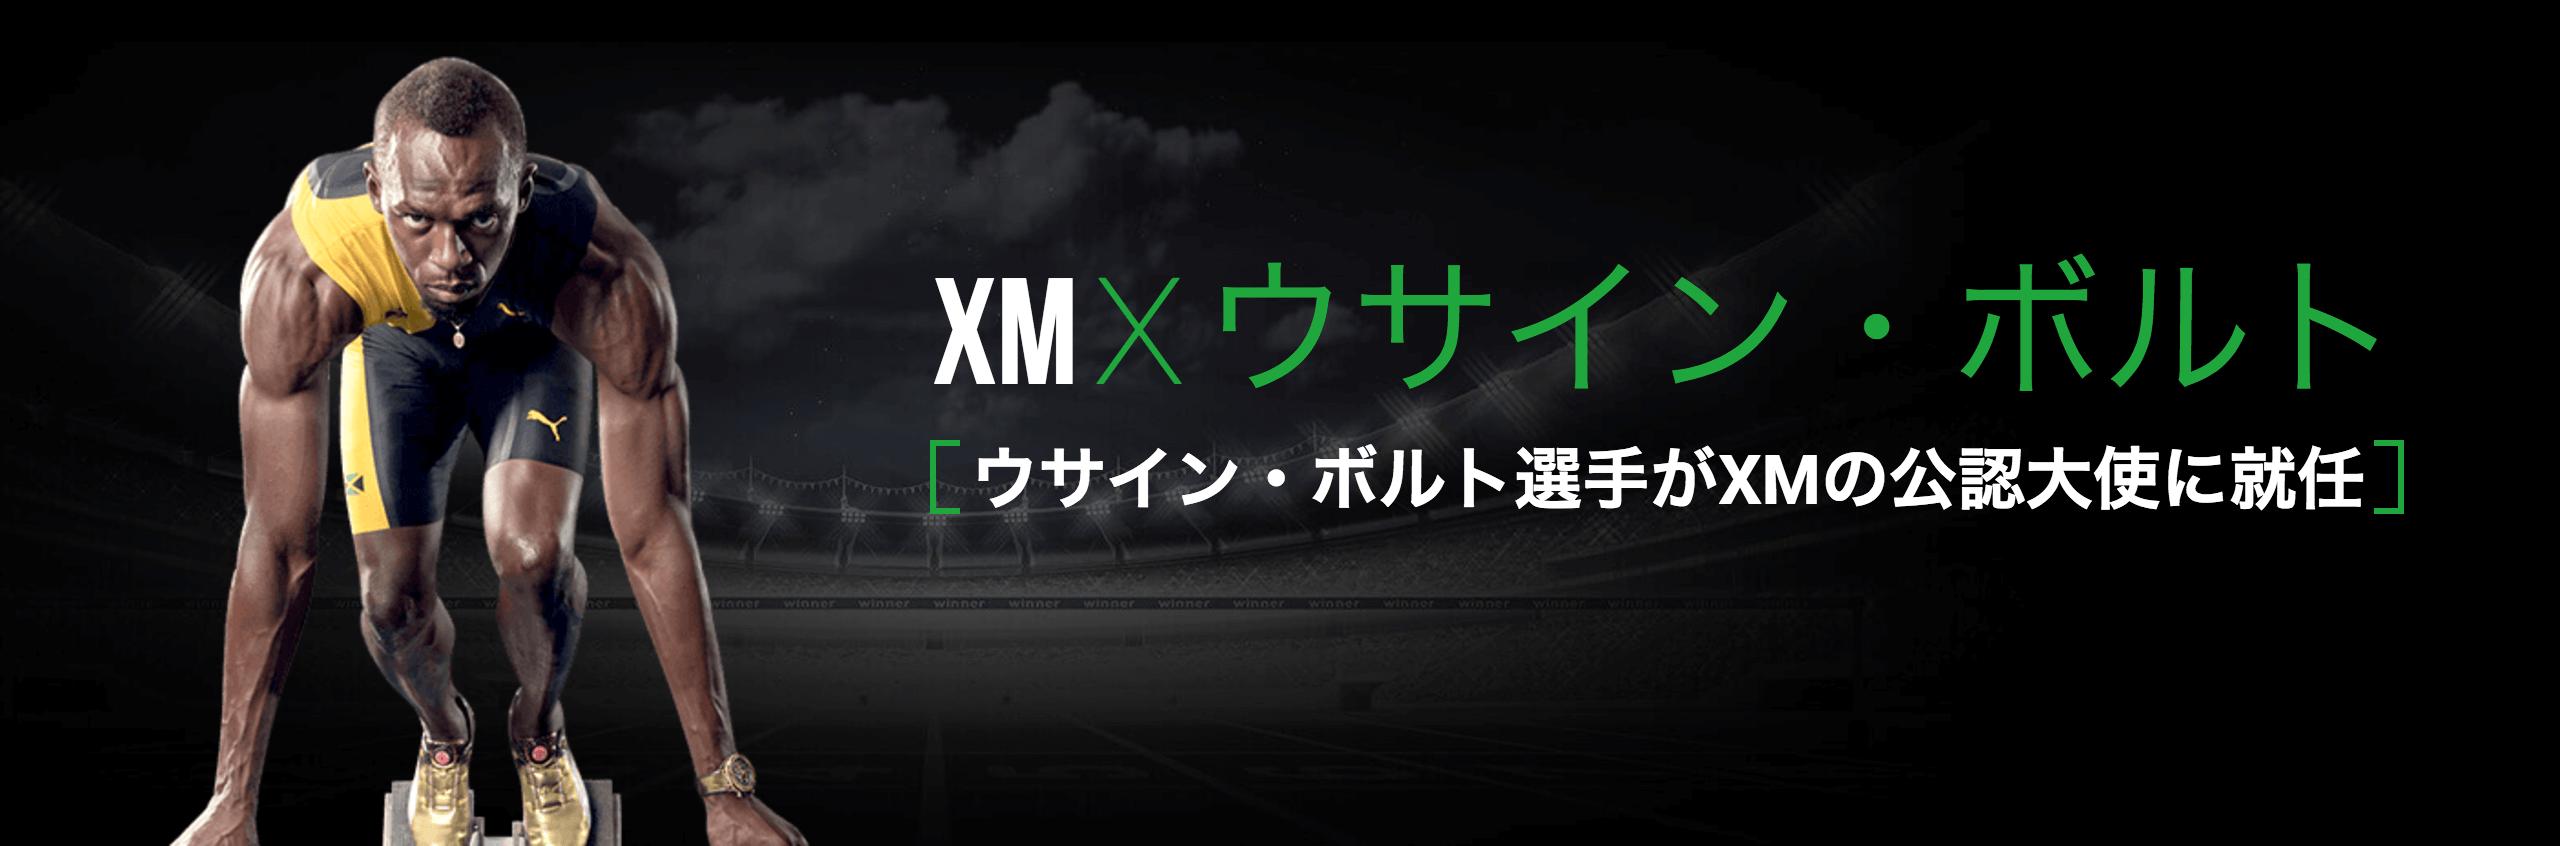 XM_ウサインボルト